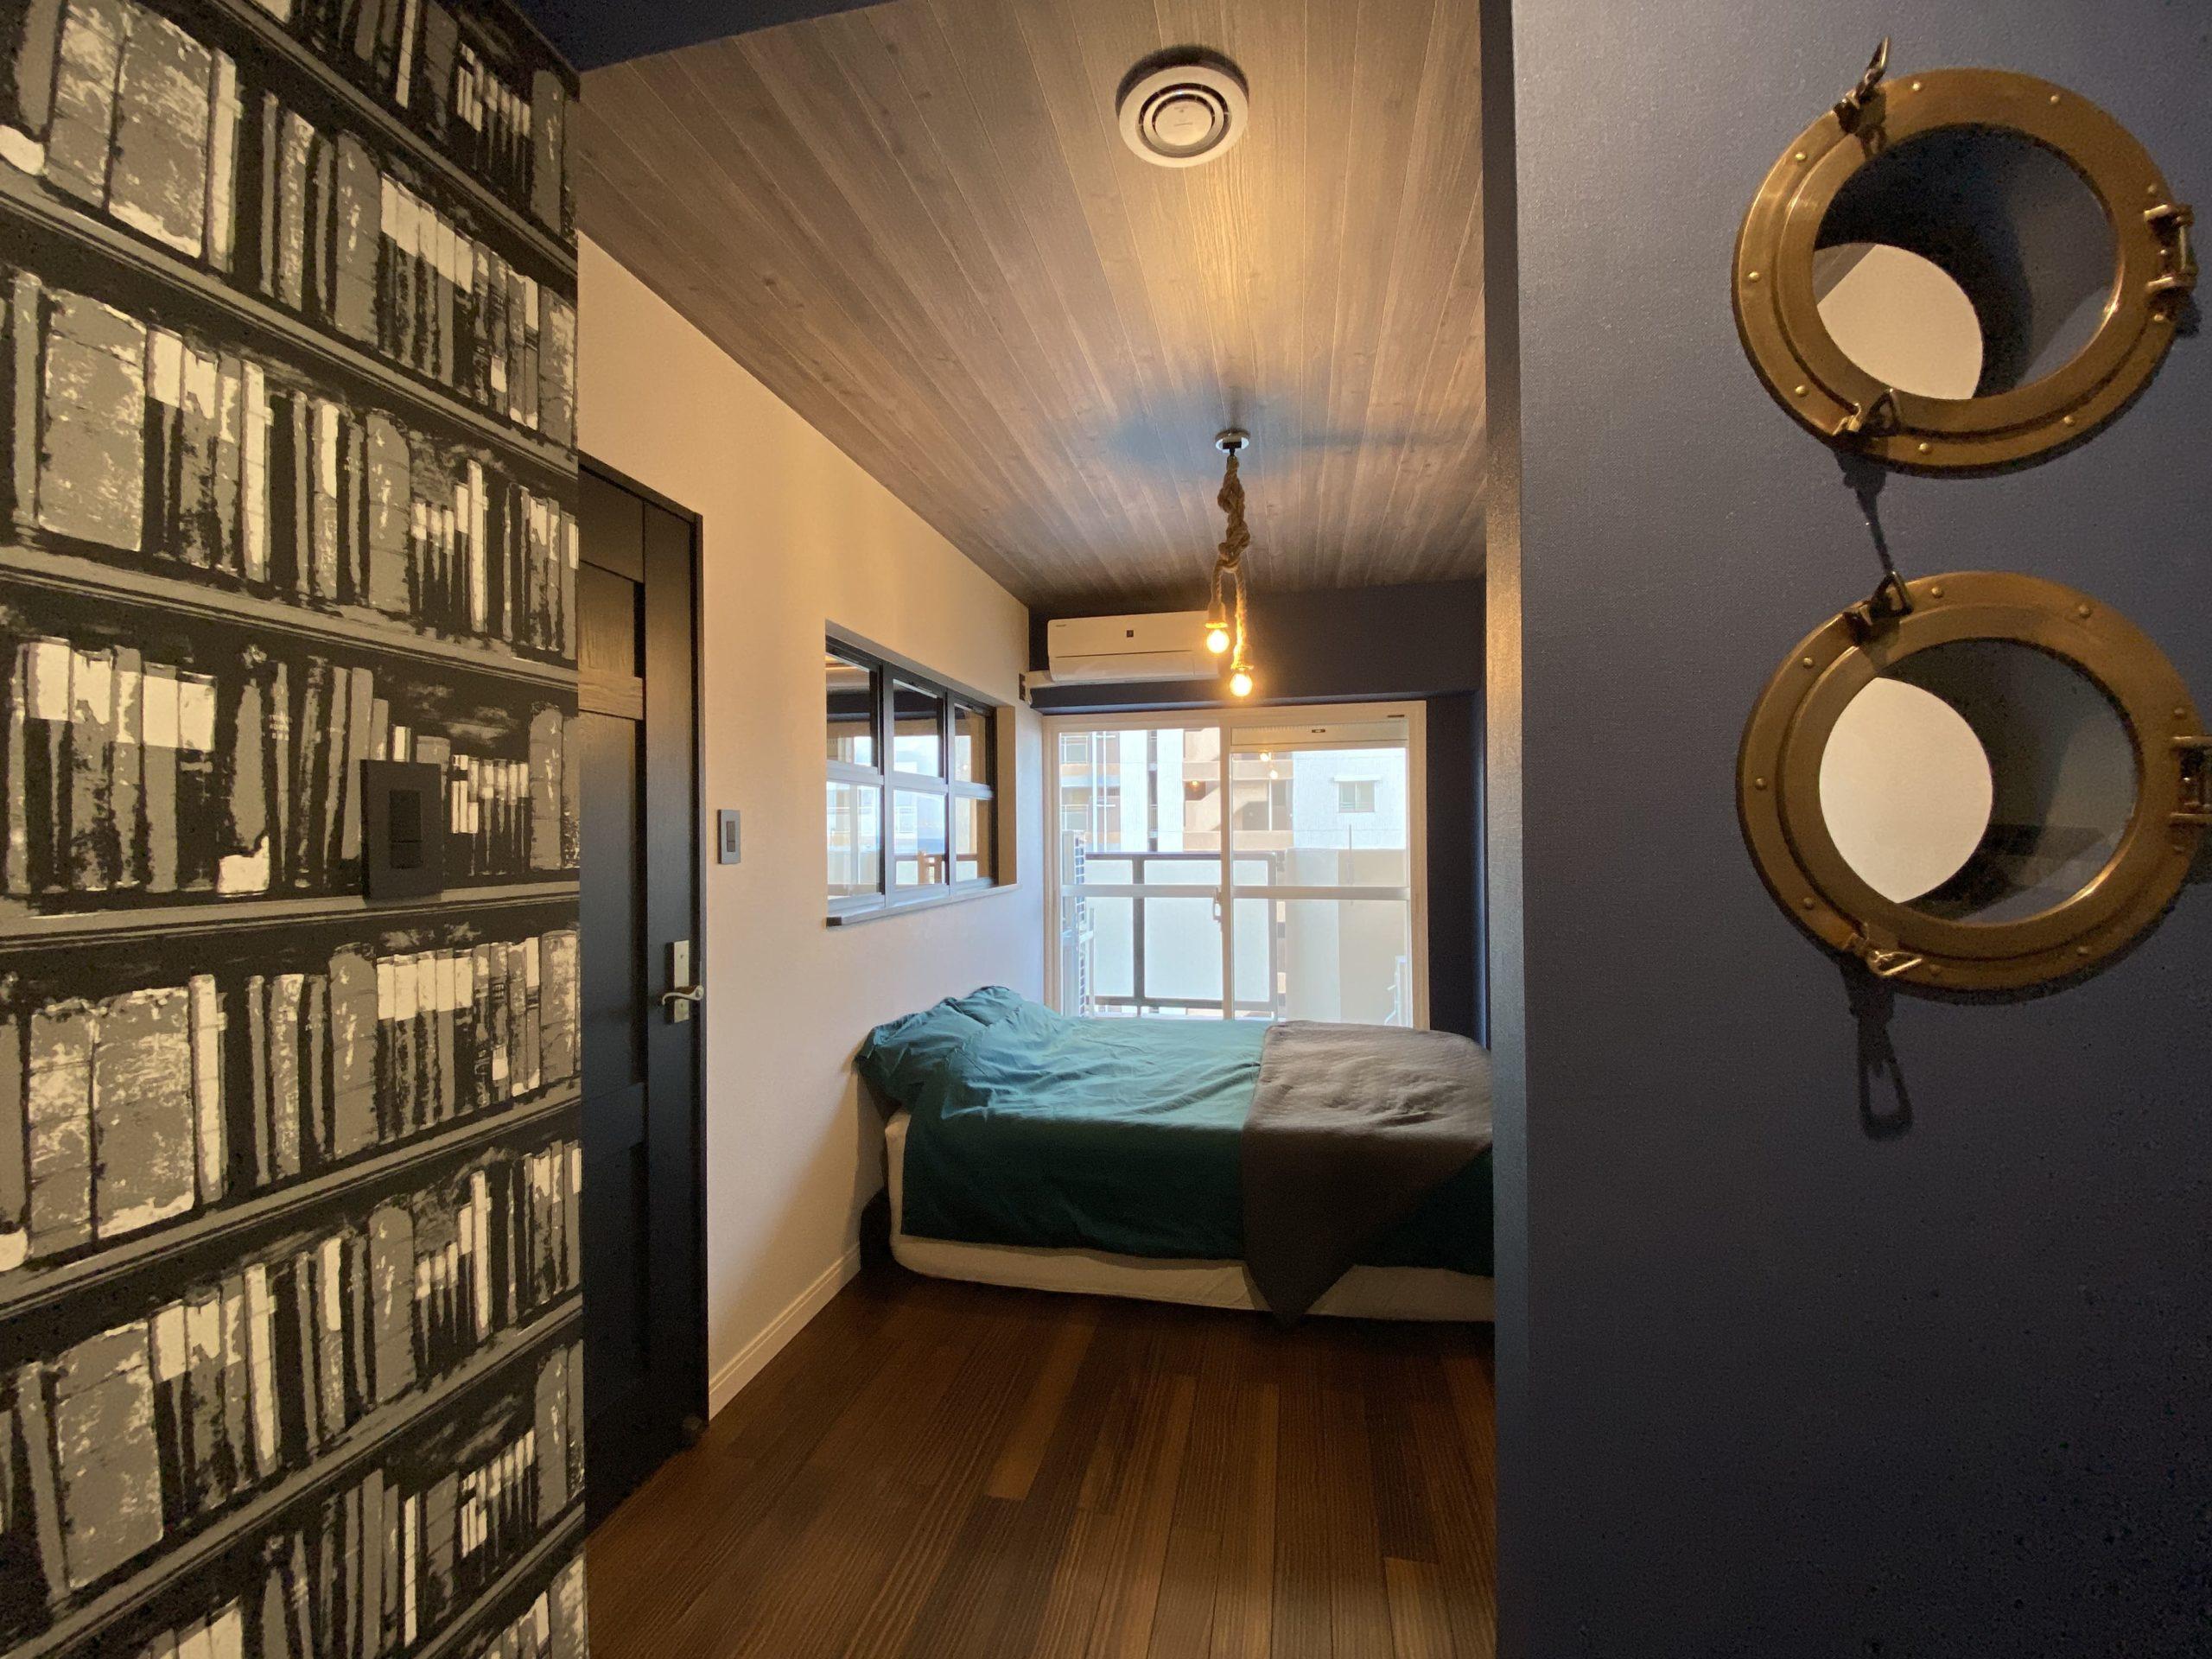 【明石市】海が見えるお部屋「ヴィンテージリゾート」明石アーバンライフ619号室。BEDROOMから続く書斎をつくり、おやすみまでのじぶん時間を有意義に使える大人デザイン。